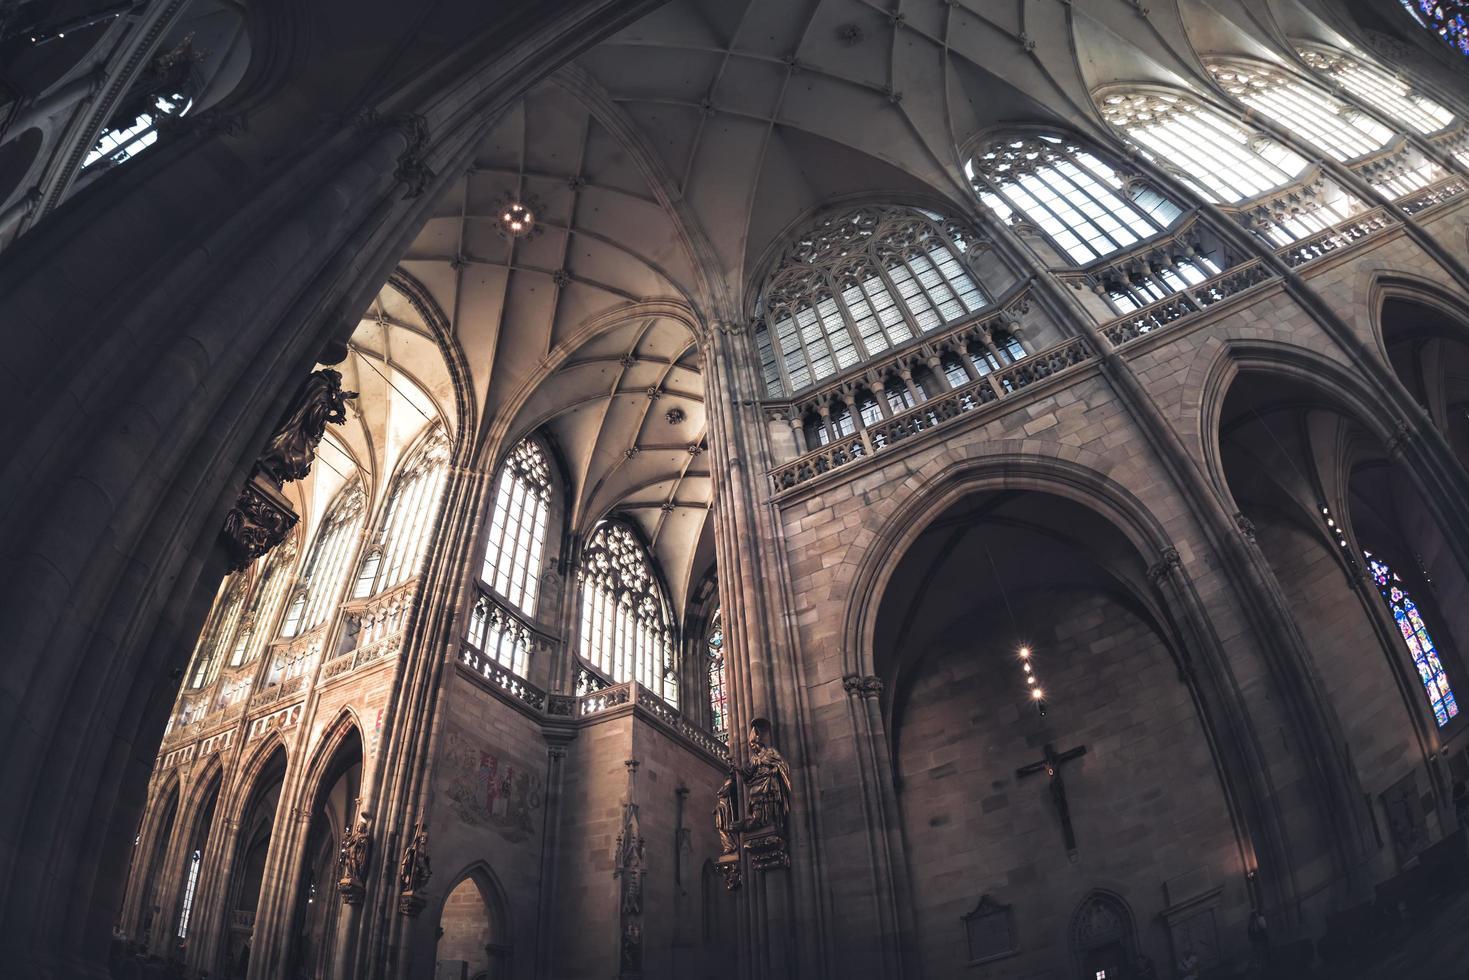 intérieur de la cathédrale saint vitus. Prague, République Tchèque photo